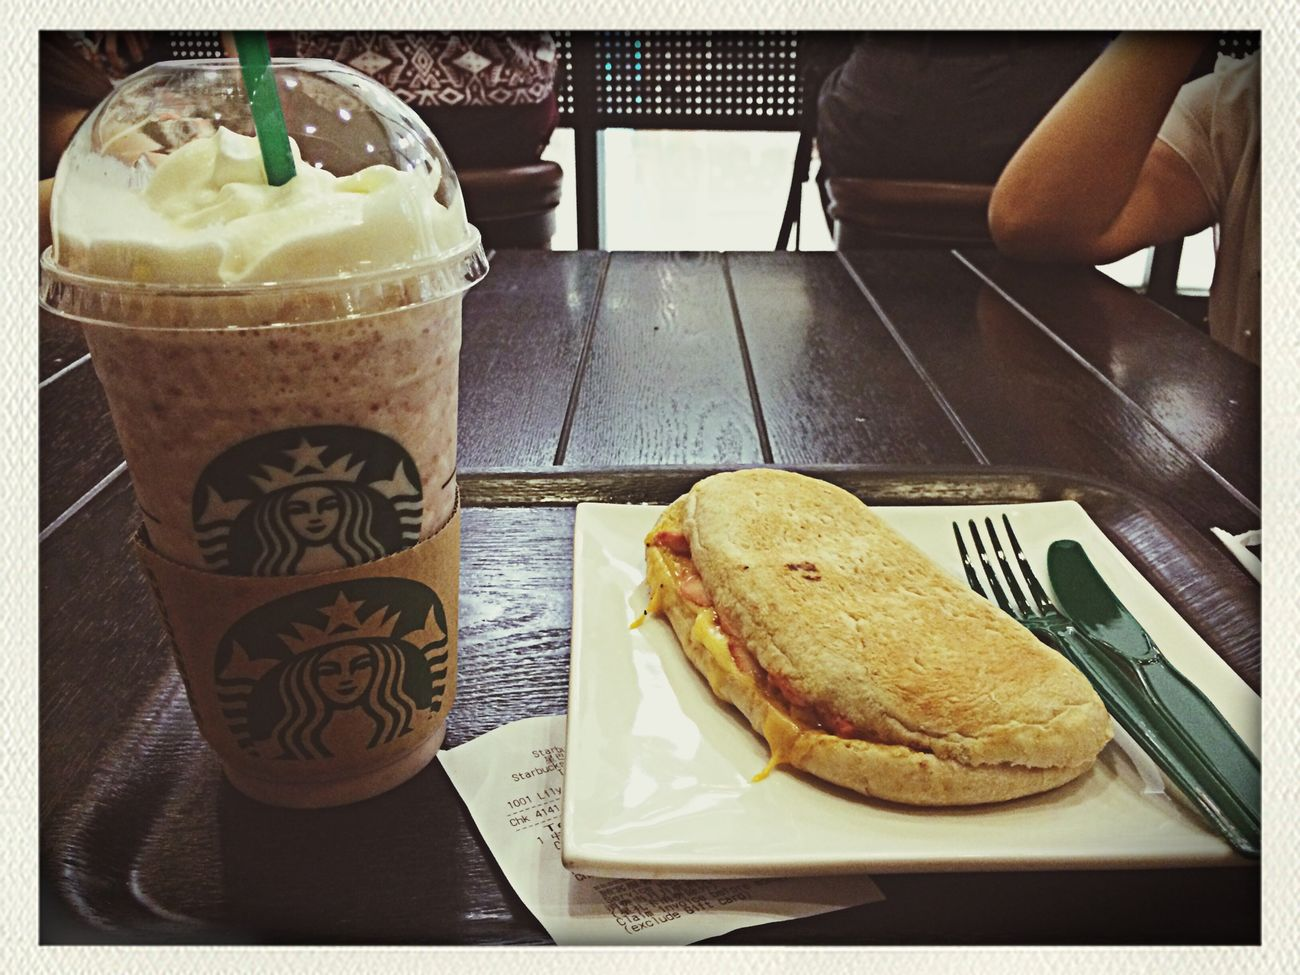 До чего-ж я обожаю Starbucks ? жаль, в Якутске его не будет ? обожаю сэндвич с курицей и сыром, и коктейль Redbeen ice *~*